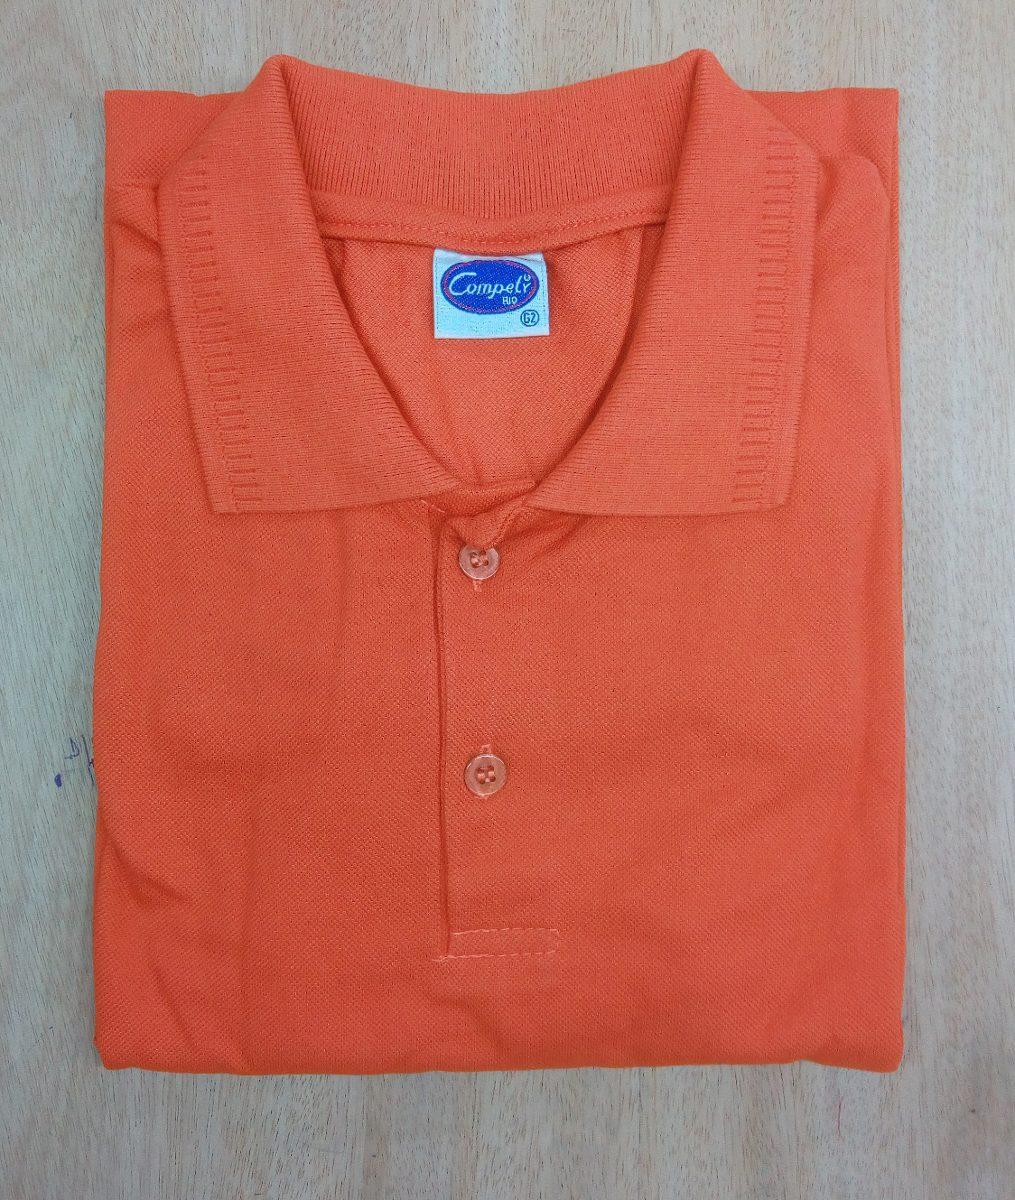 16a646d41b804 camisa masculina gola polo lisa com bolso tamanhos grandes. Carregando zoom.